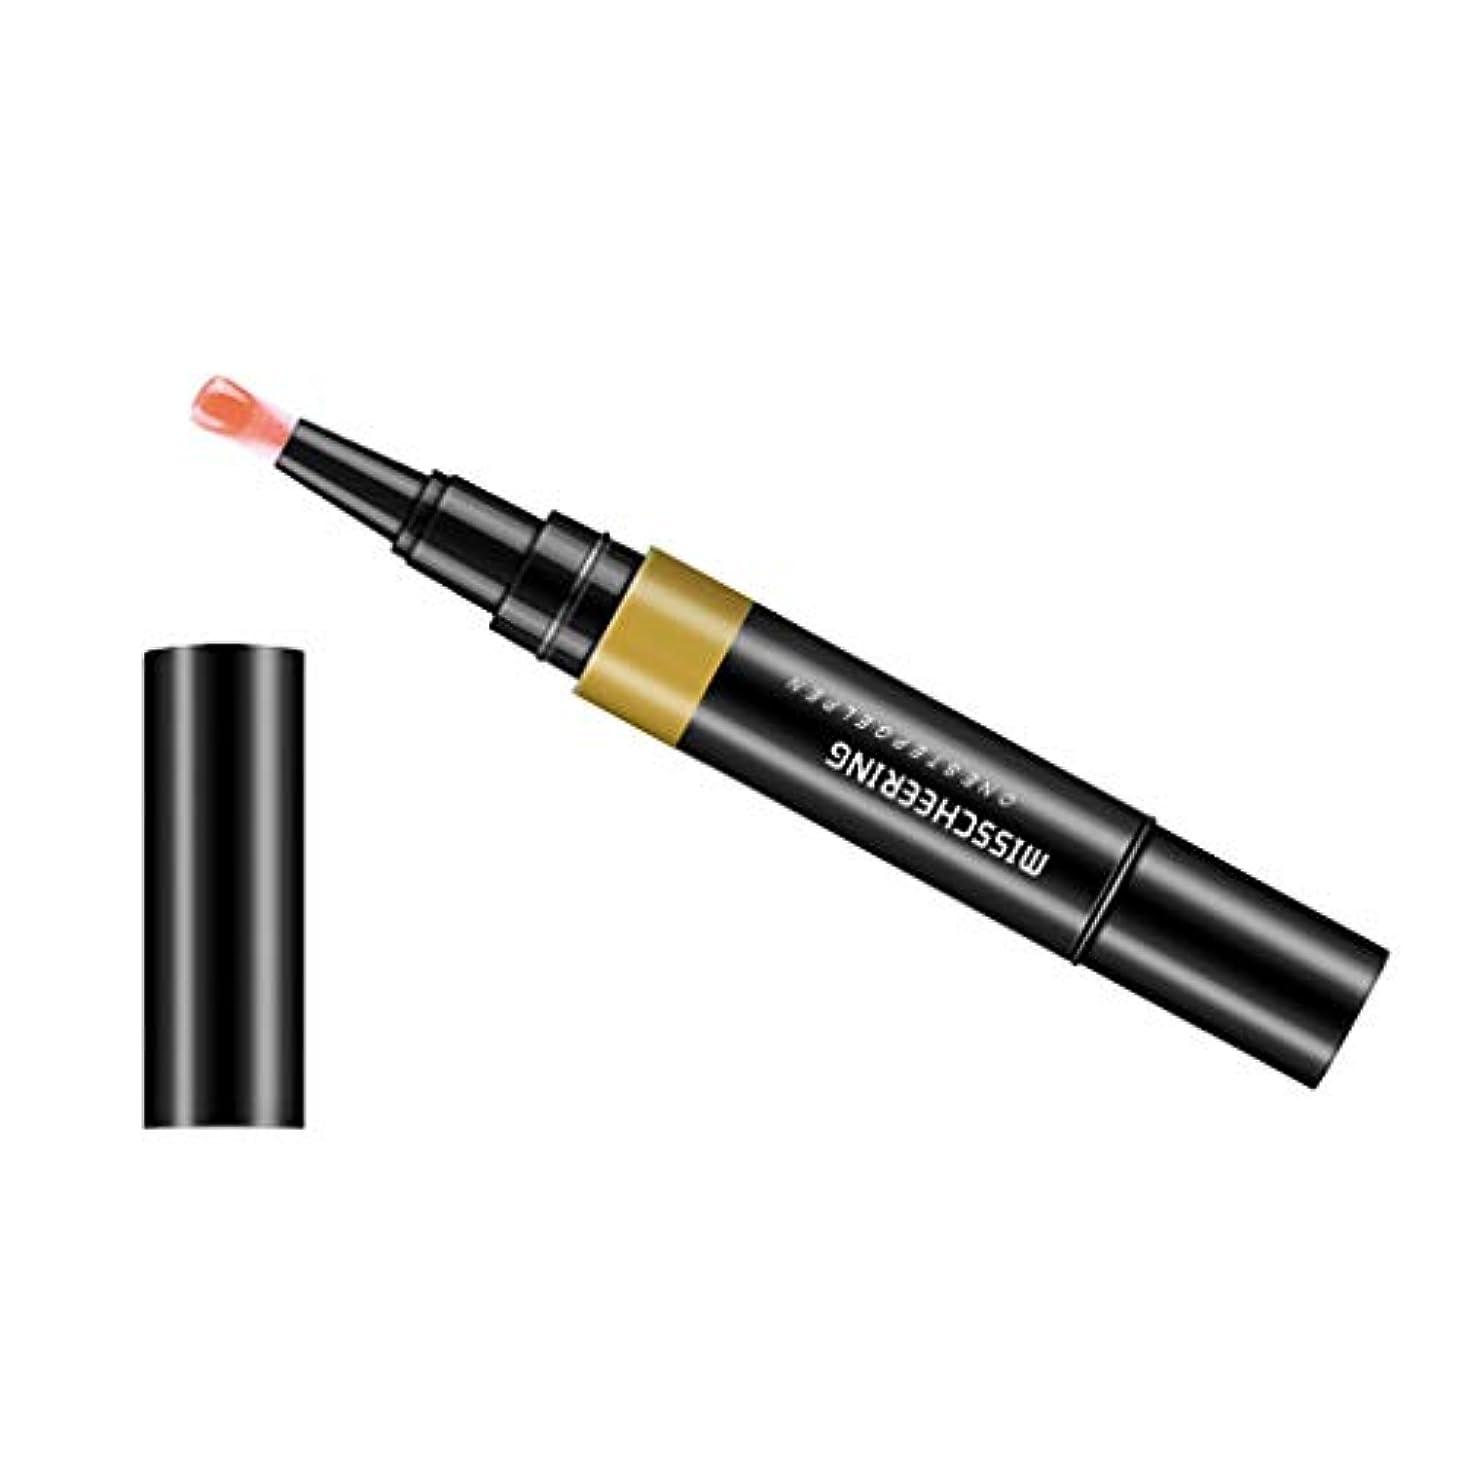 離れて論理継承Toygogo ジェル マニキュアペン ワニスラッカー ネイルアートペン 3 イン 1 サロン 初心者 セルフネイル DIY - フレッシュピンク